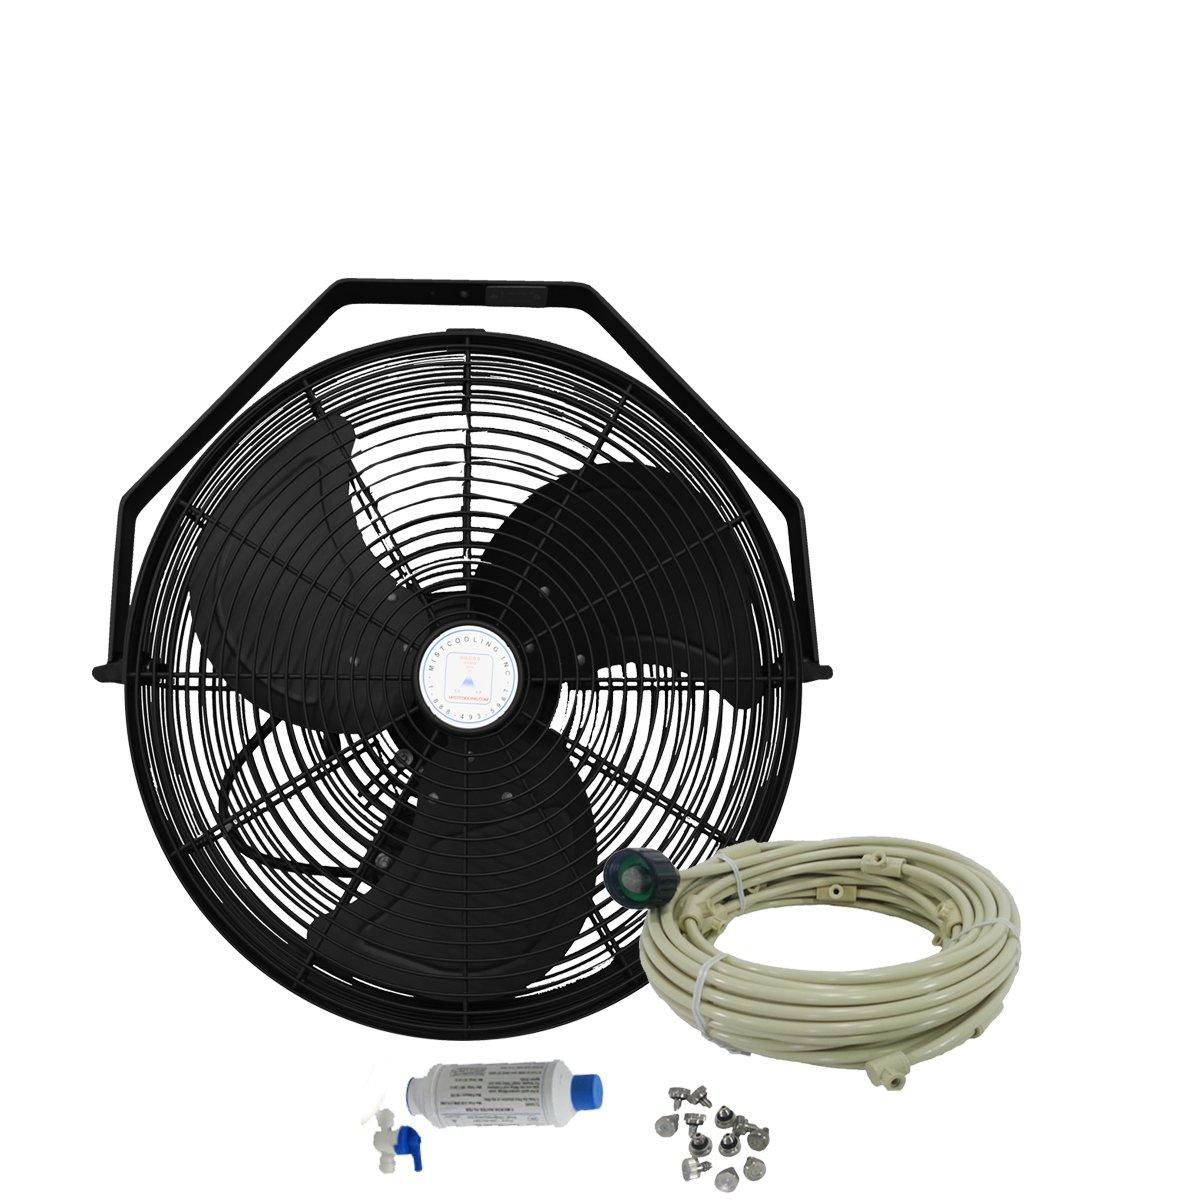 Misting Fan - Patio Mist Fan - Outdoor Mist Fan - For Residential, Commercial, Restaurant and Industrial Misting Application. (18 Inch - Black Fan)